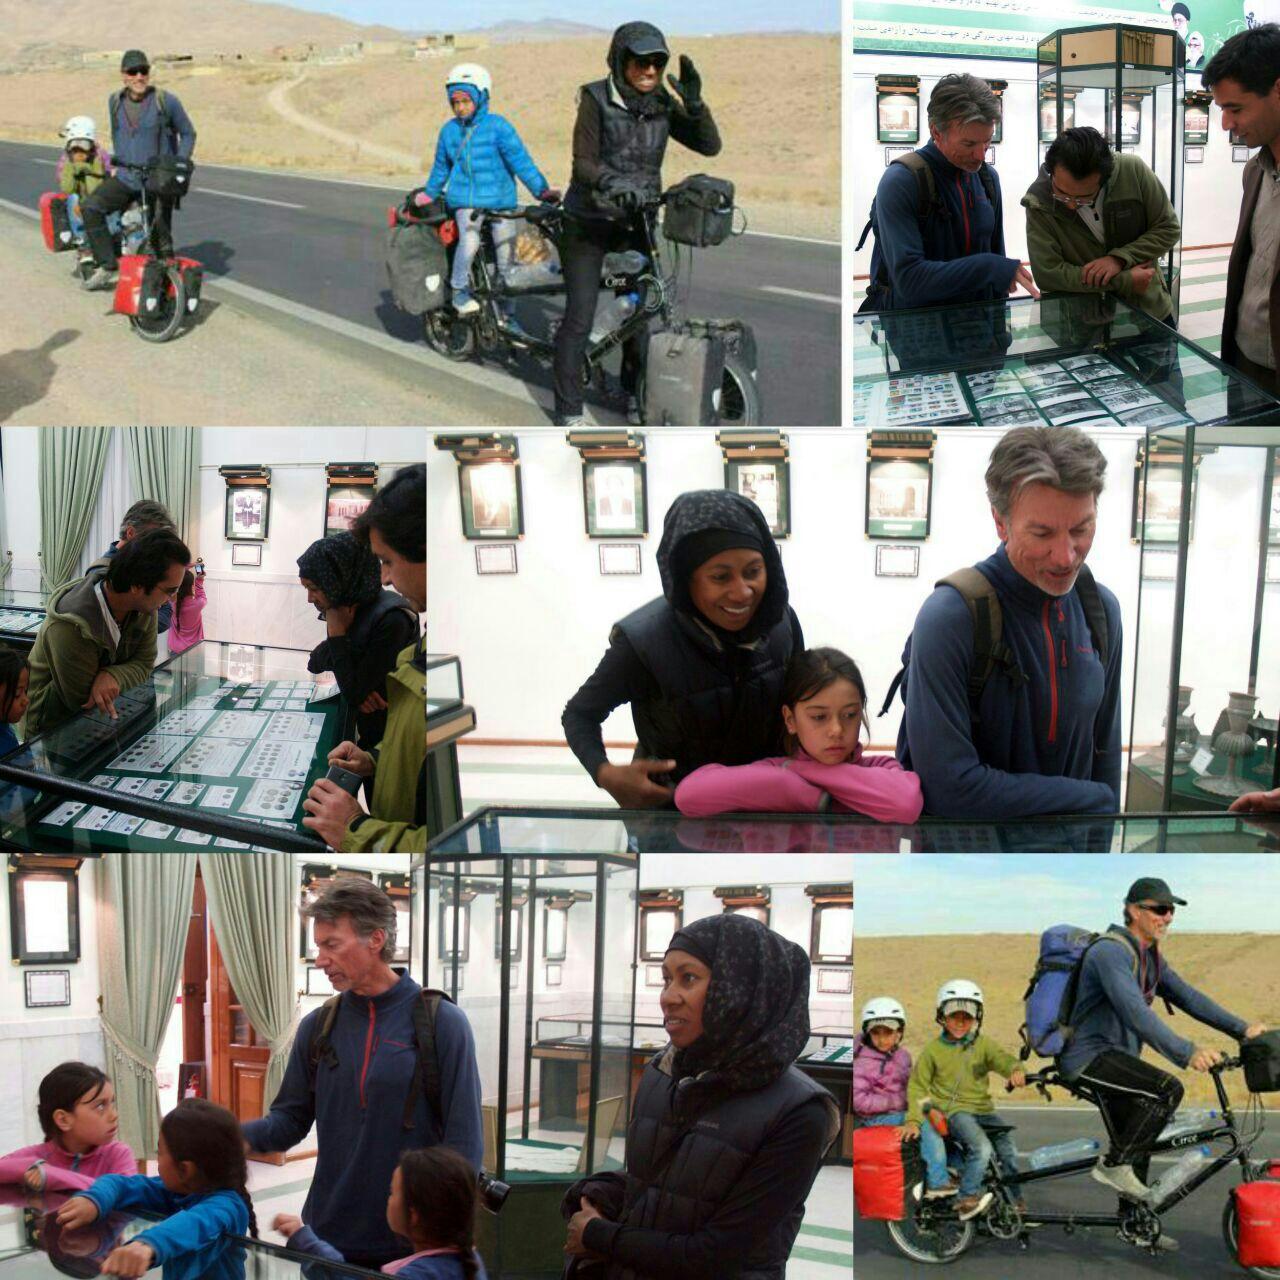 بازدید خانواده گردشگر استرالیایی از موزه شهید مدرس